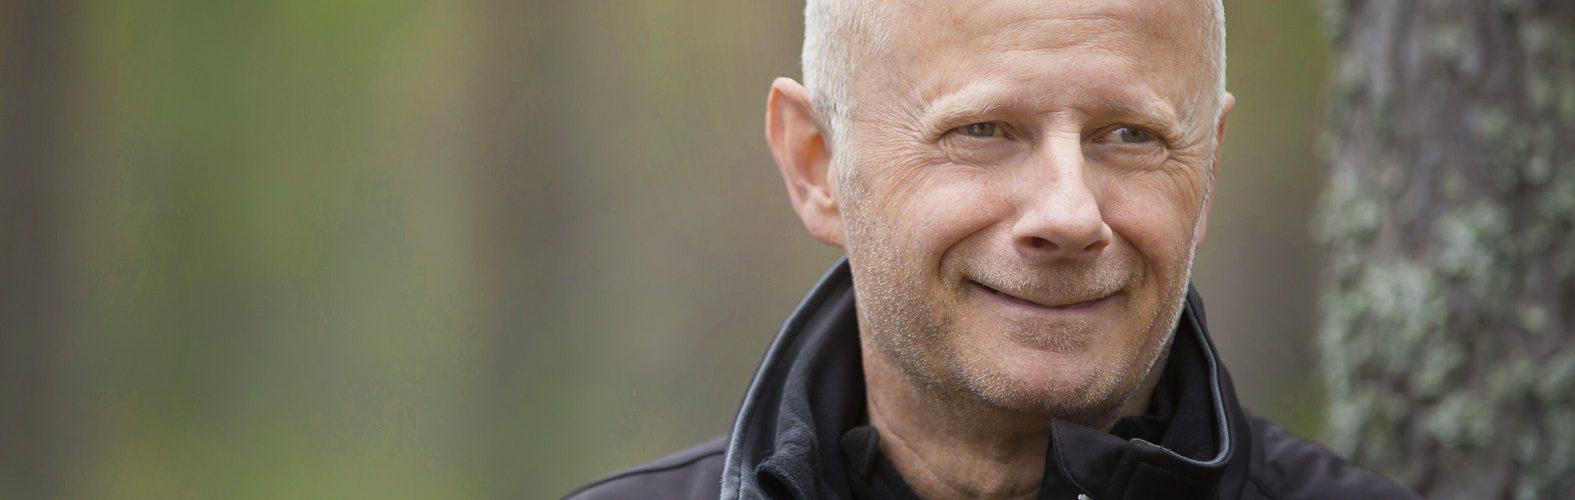 Instruktör i Umeå allmänlydnad och specialgrenar Ulf Sörlin